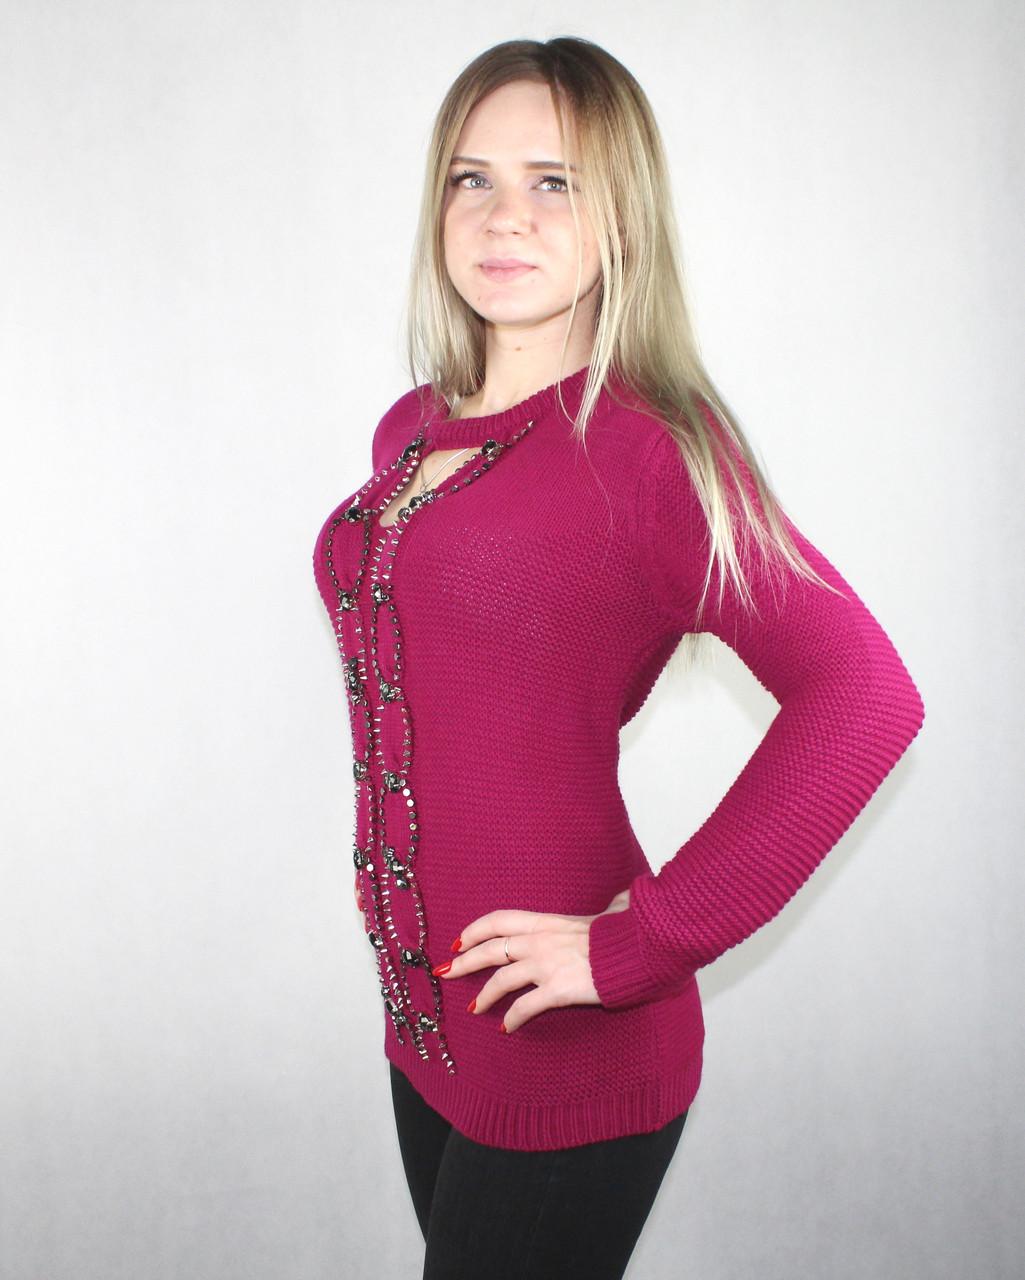 Женский вязаный свитер с вырезом декольте темно-малинового цвета